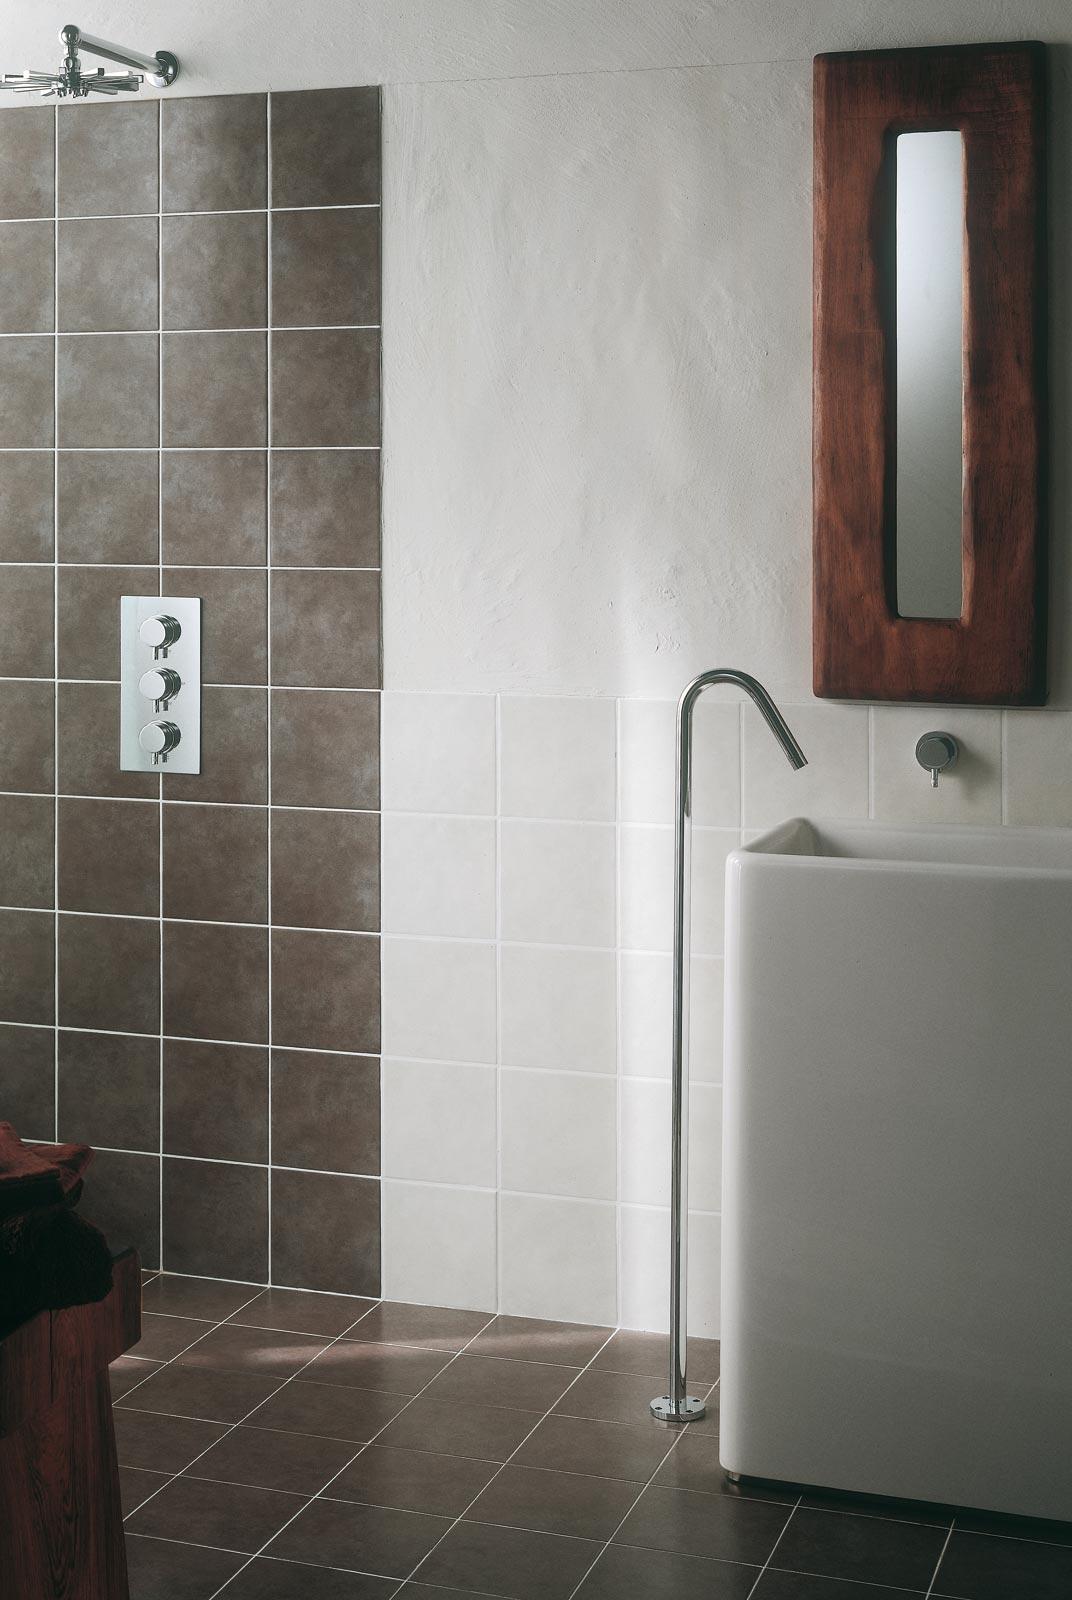 Minimal piastrelle in ceramica per ambienti bagno ragno - Mattonelle bagno ragno ...